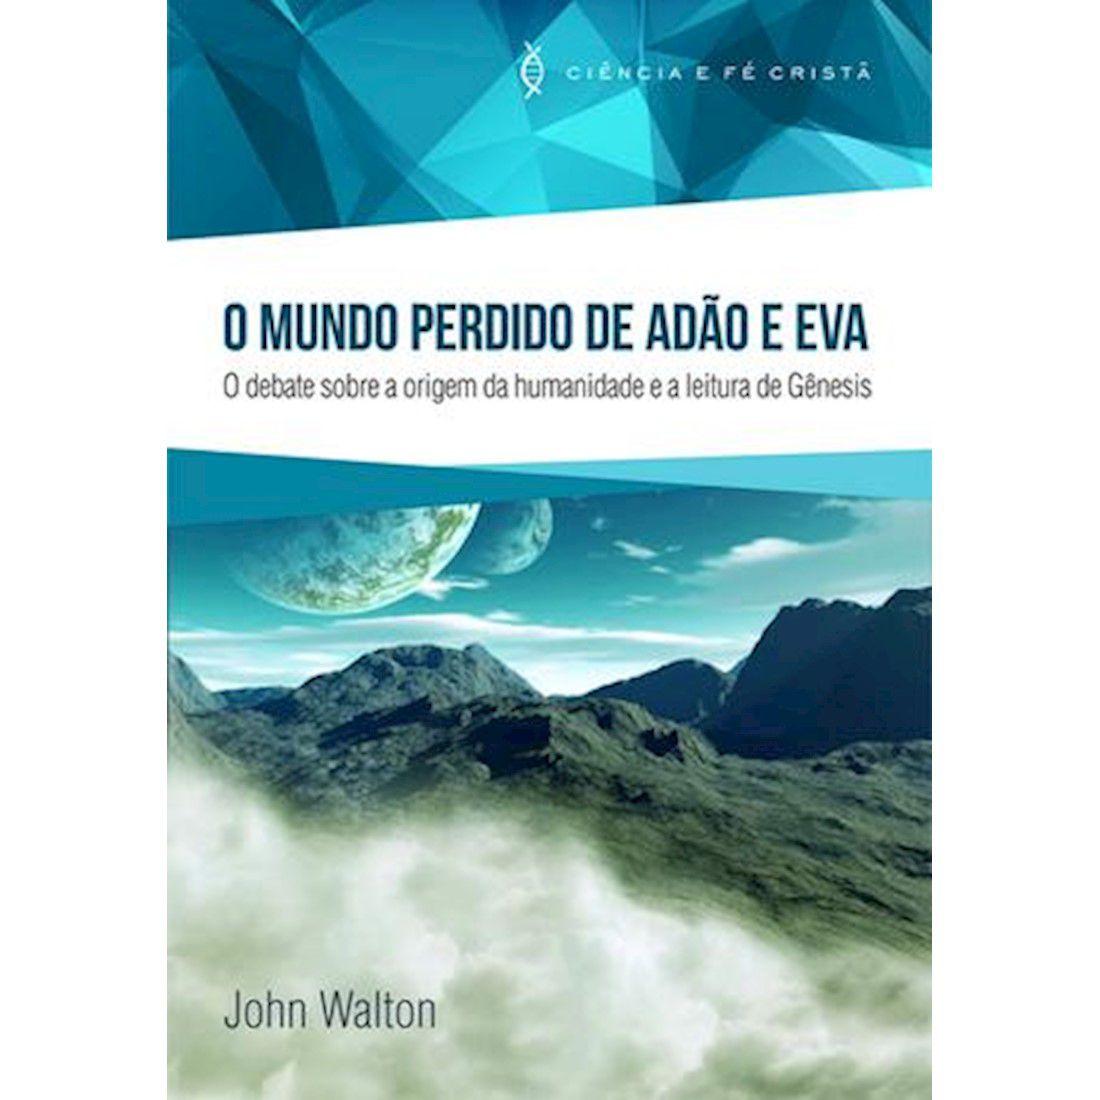 Livro O Mundo Perdido de Adão e Eva